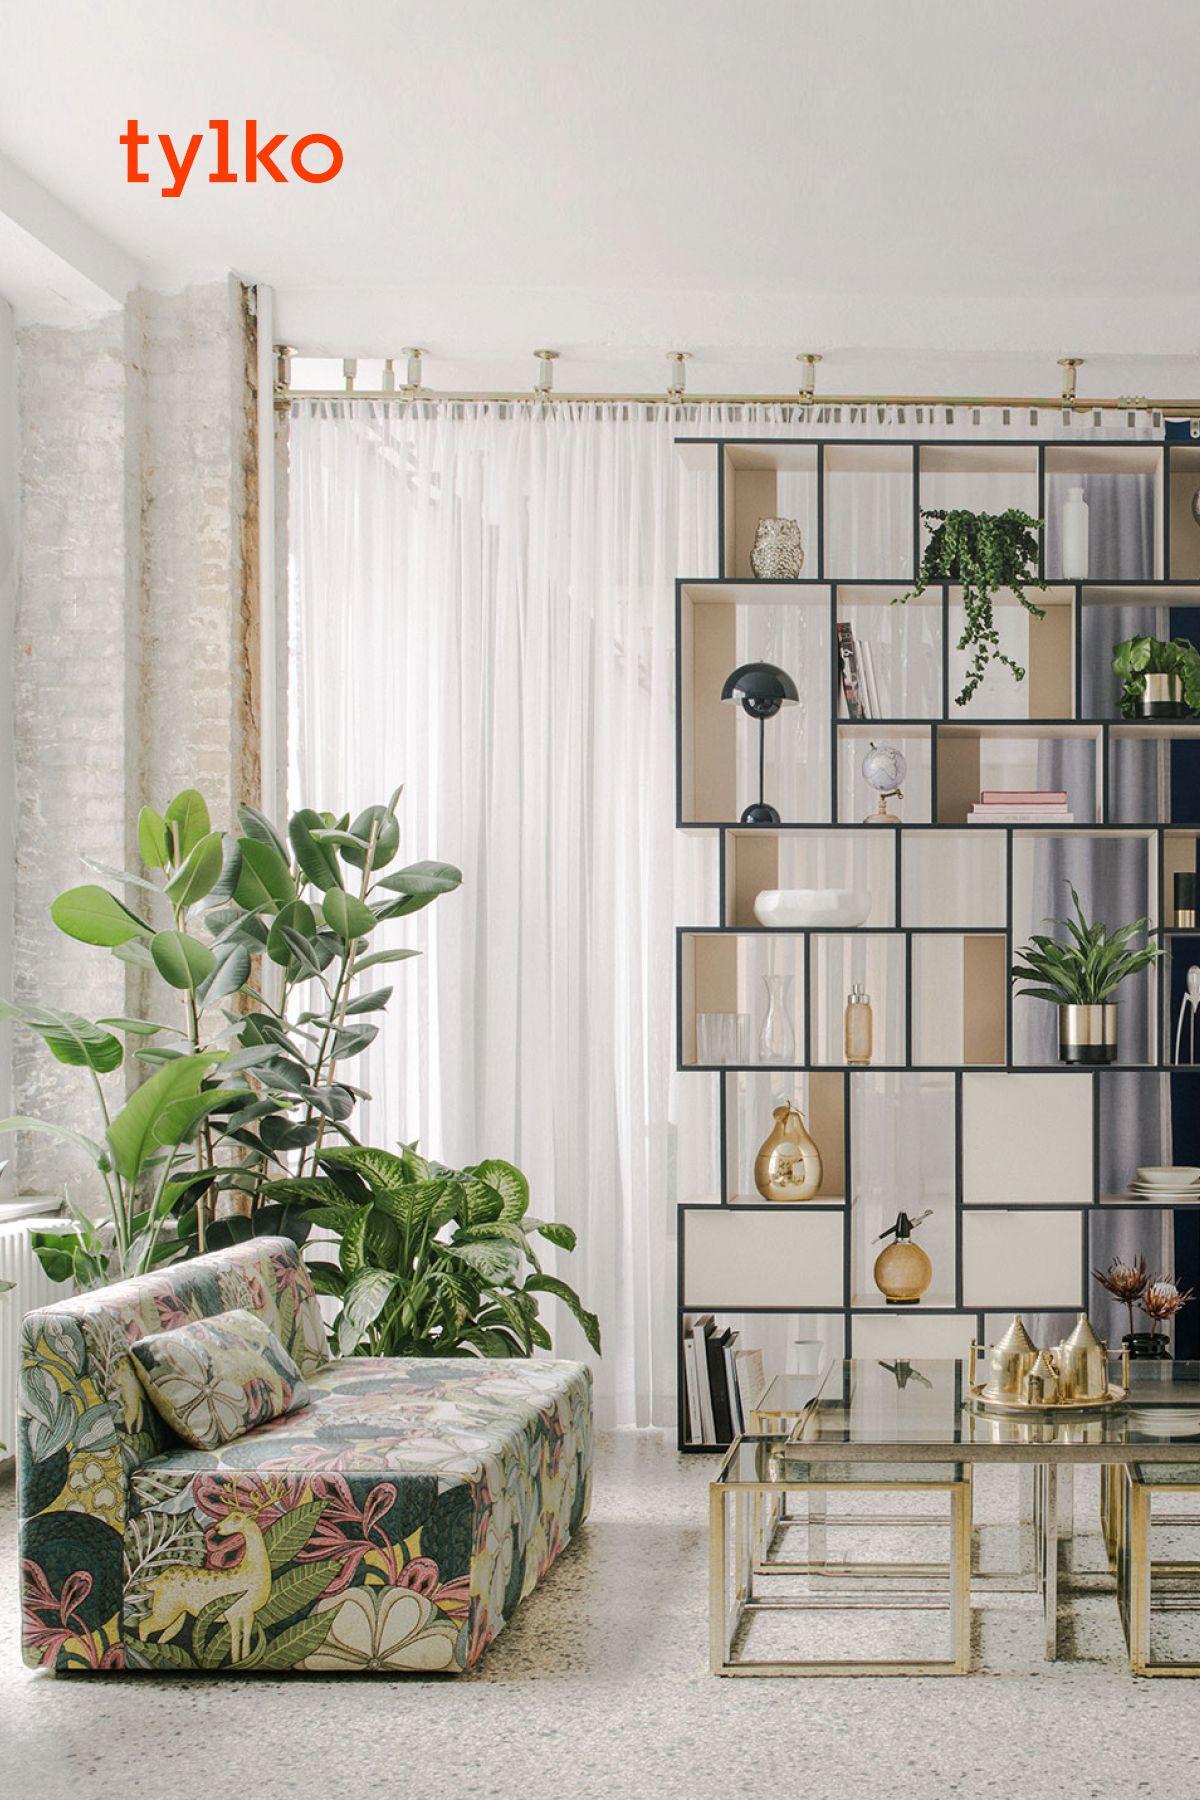 Regale, die Harmonie in jedes Zuhause bringen | Regal design